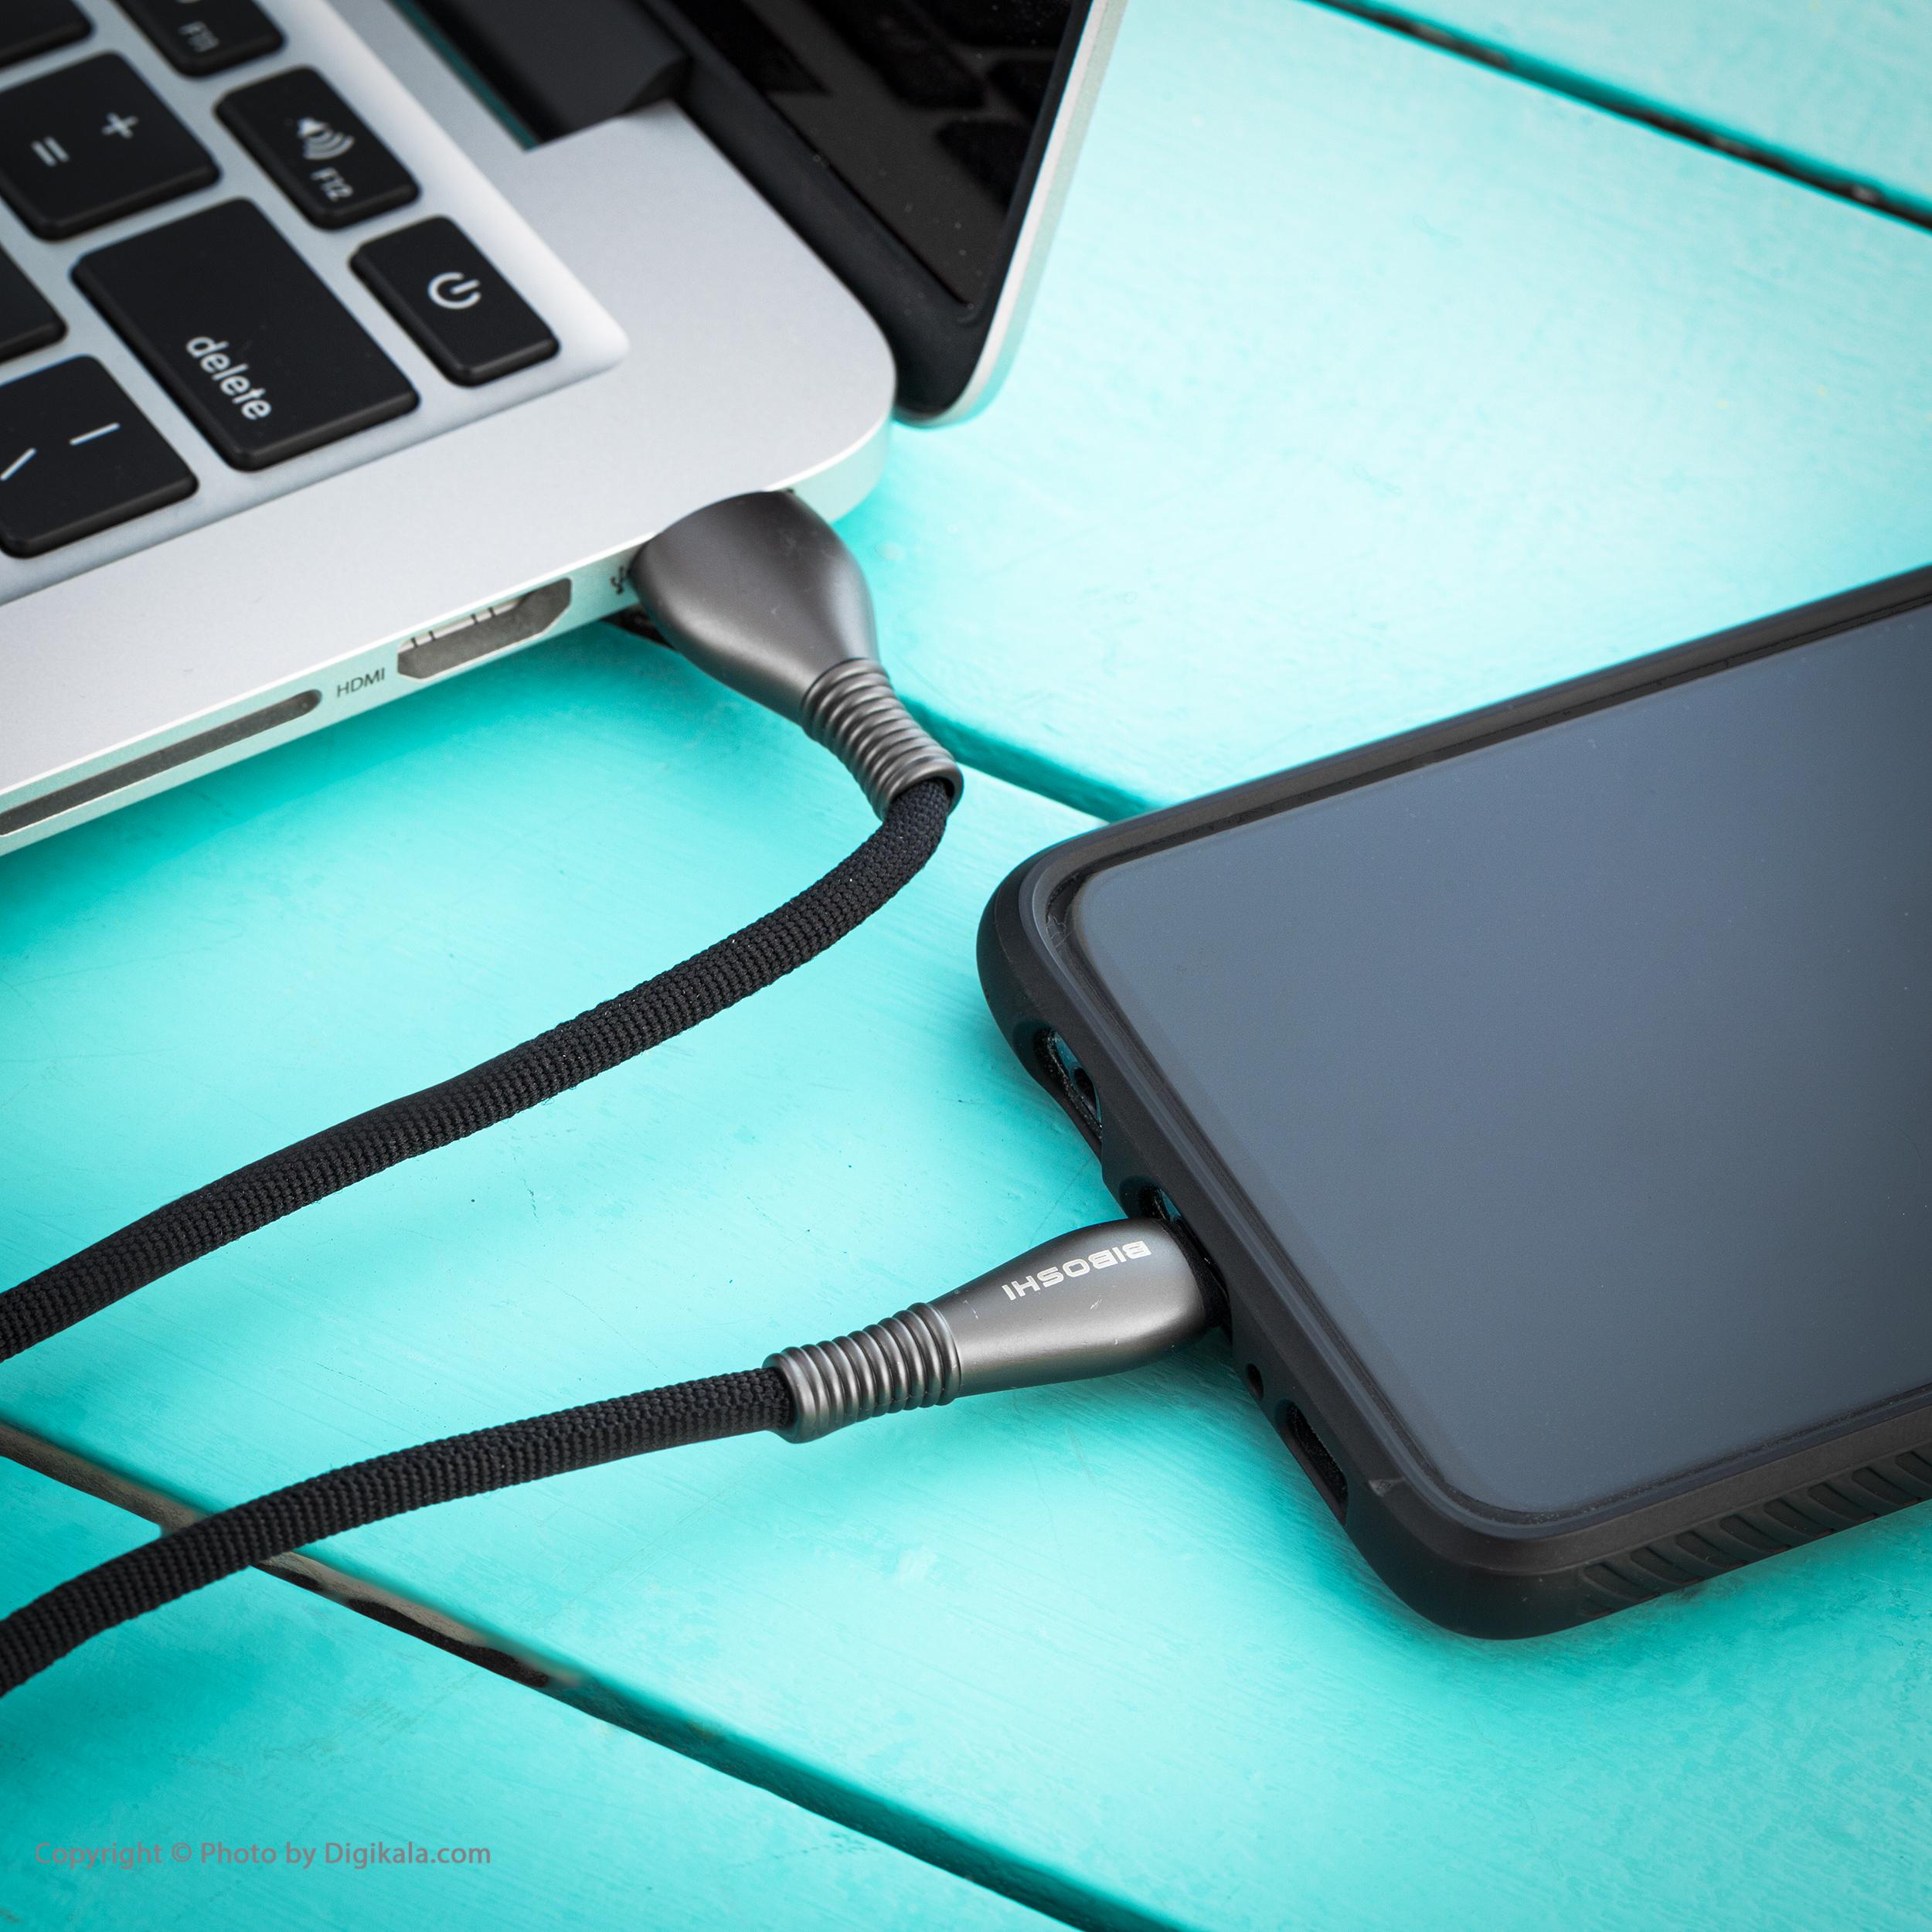 کابل تبدیل USB به USB-C بیبوشی مدل A05 طول 1 متر main 1 5